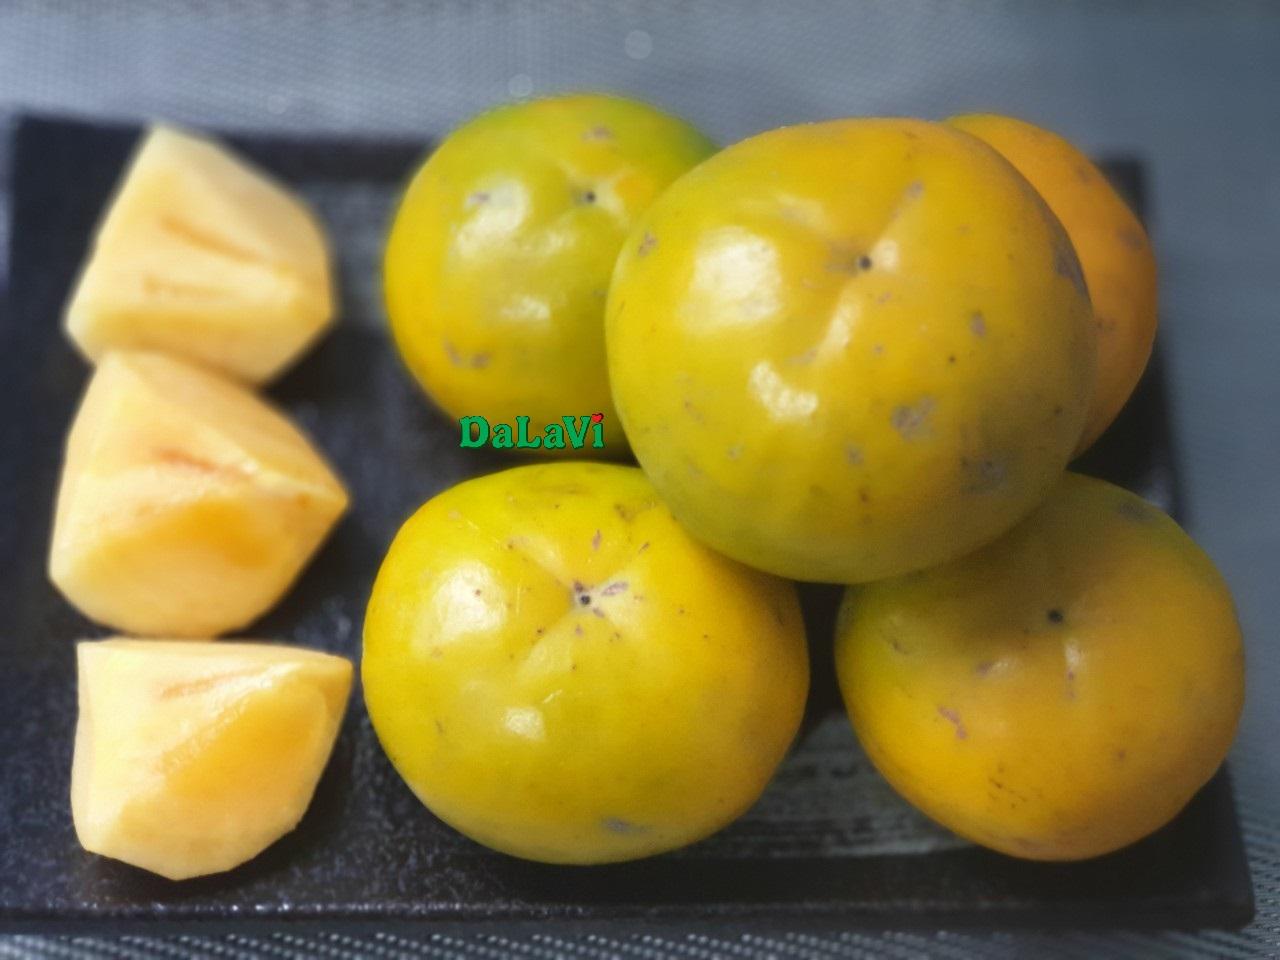 hong-gion-fuji-nhat-ban (1)